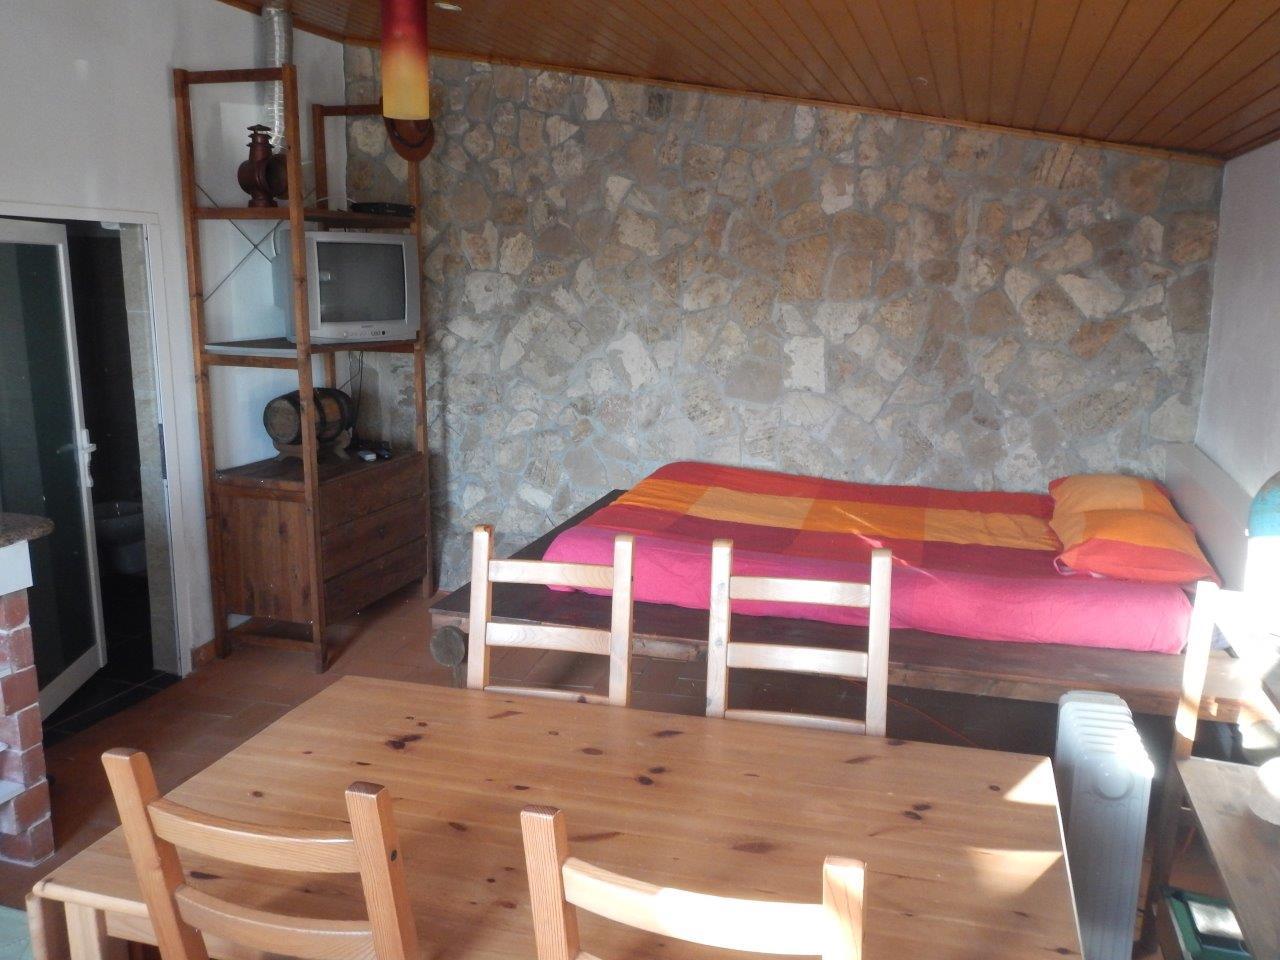 Einzimmeraspartment für den Urlaub in Portugal